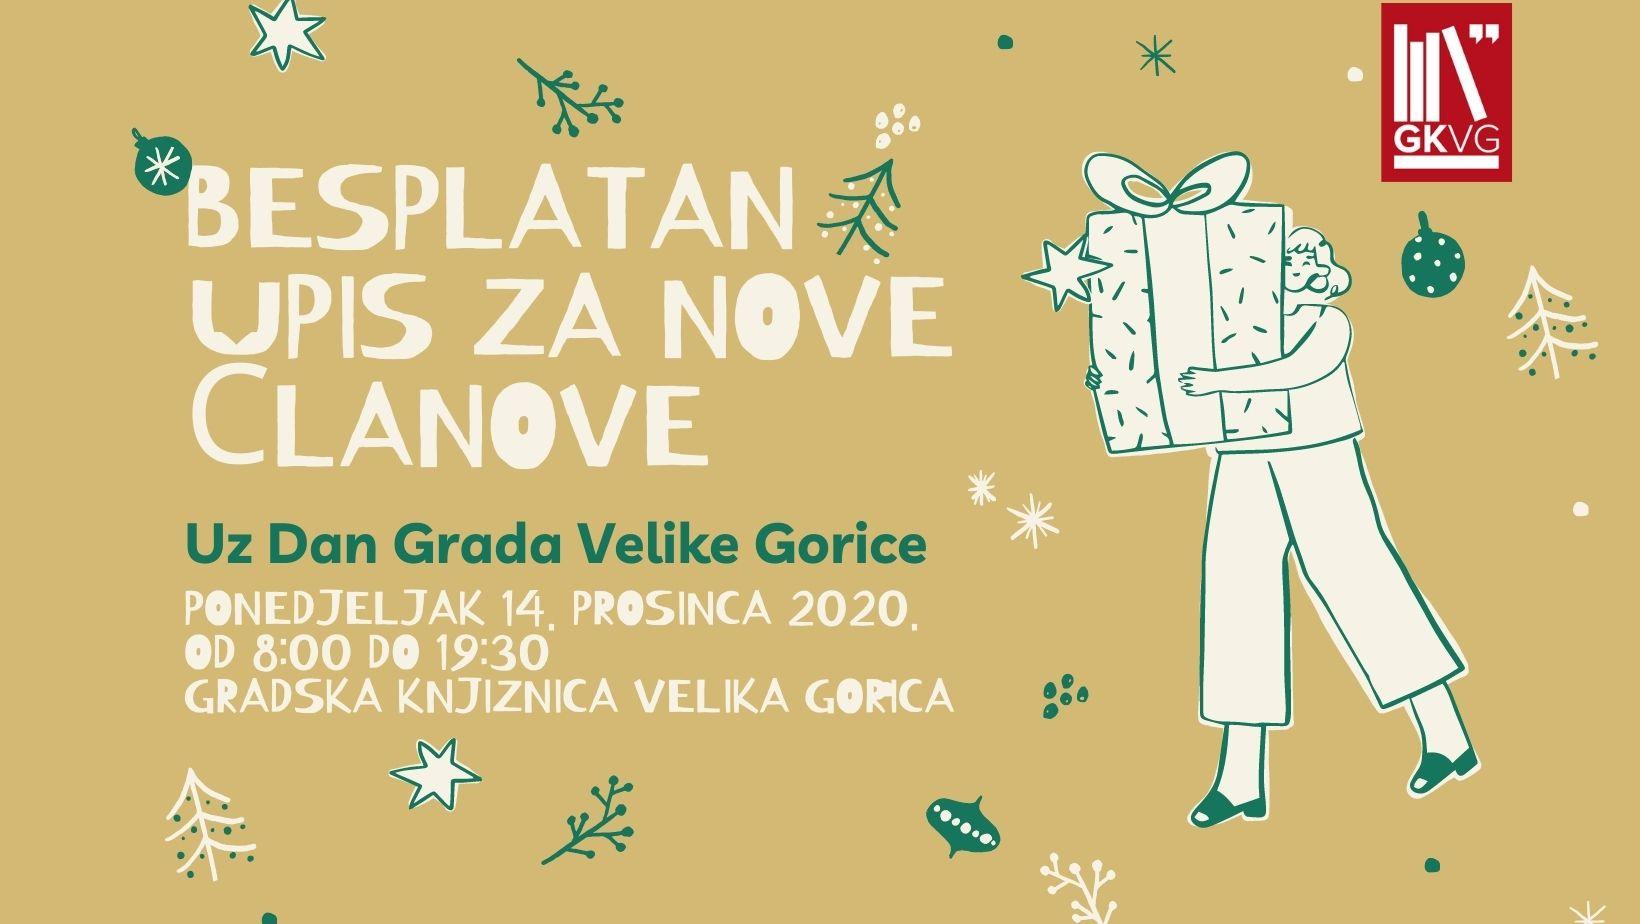 Poklon uz Dan Grada Velike Gorice – besplatan upis za nove članove